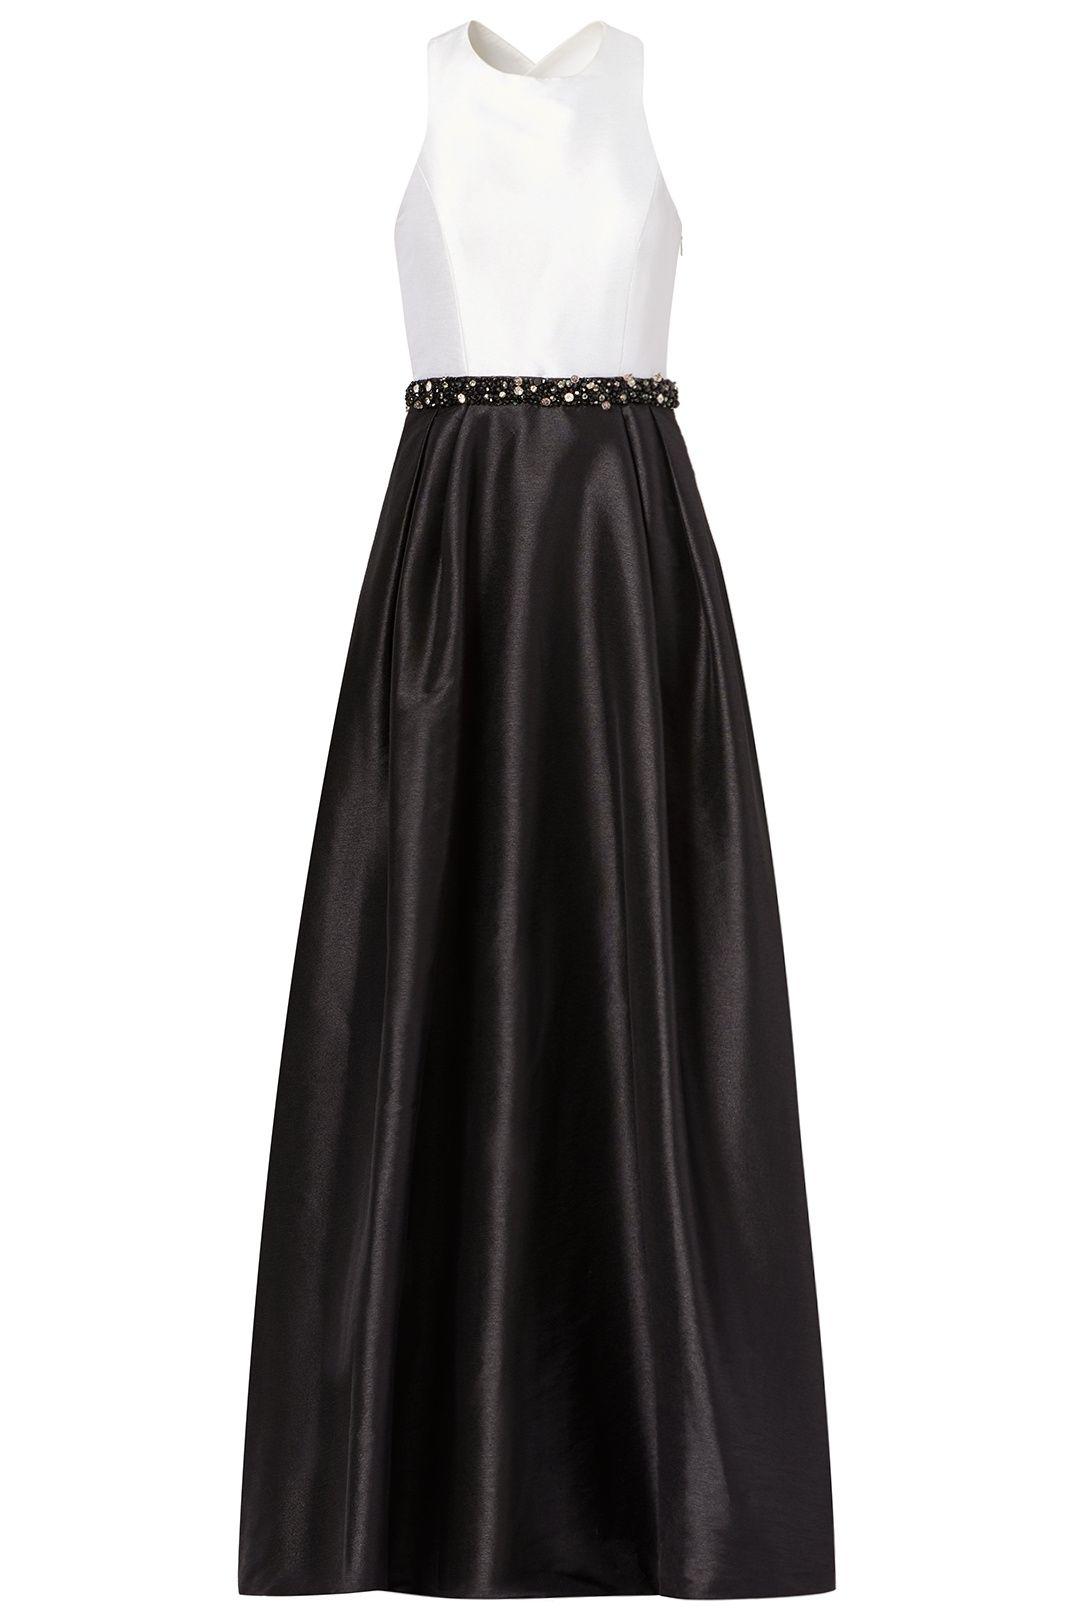 Jadore Contrast Gown | Monique lhuillier, Gowns and Black tie ...